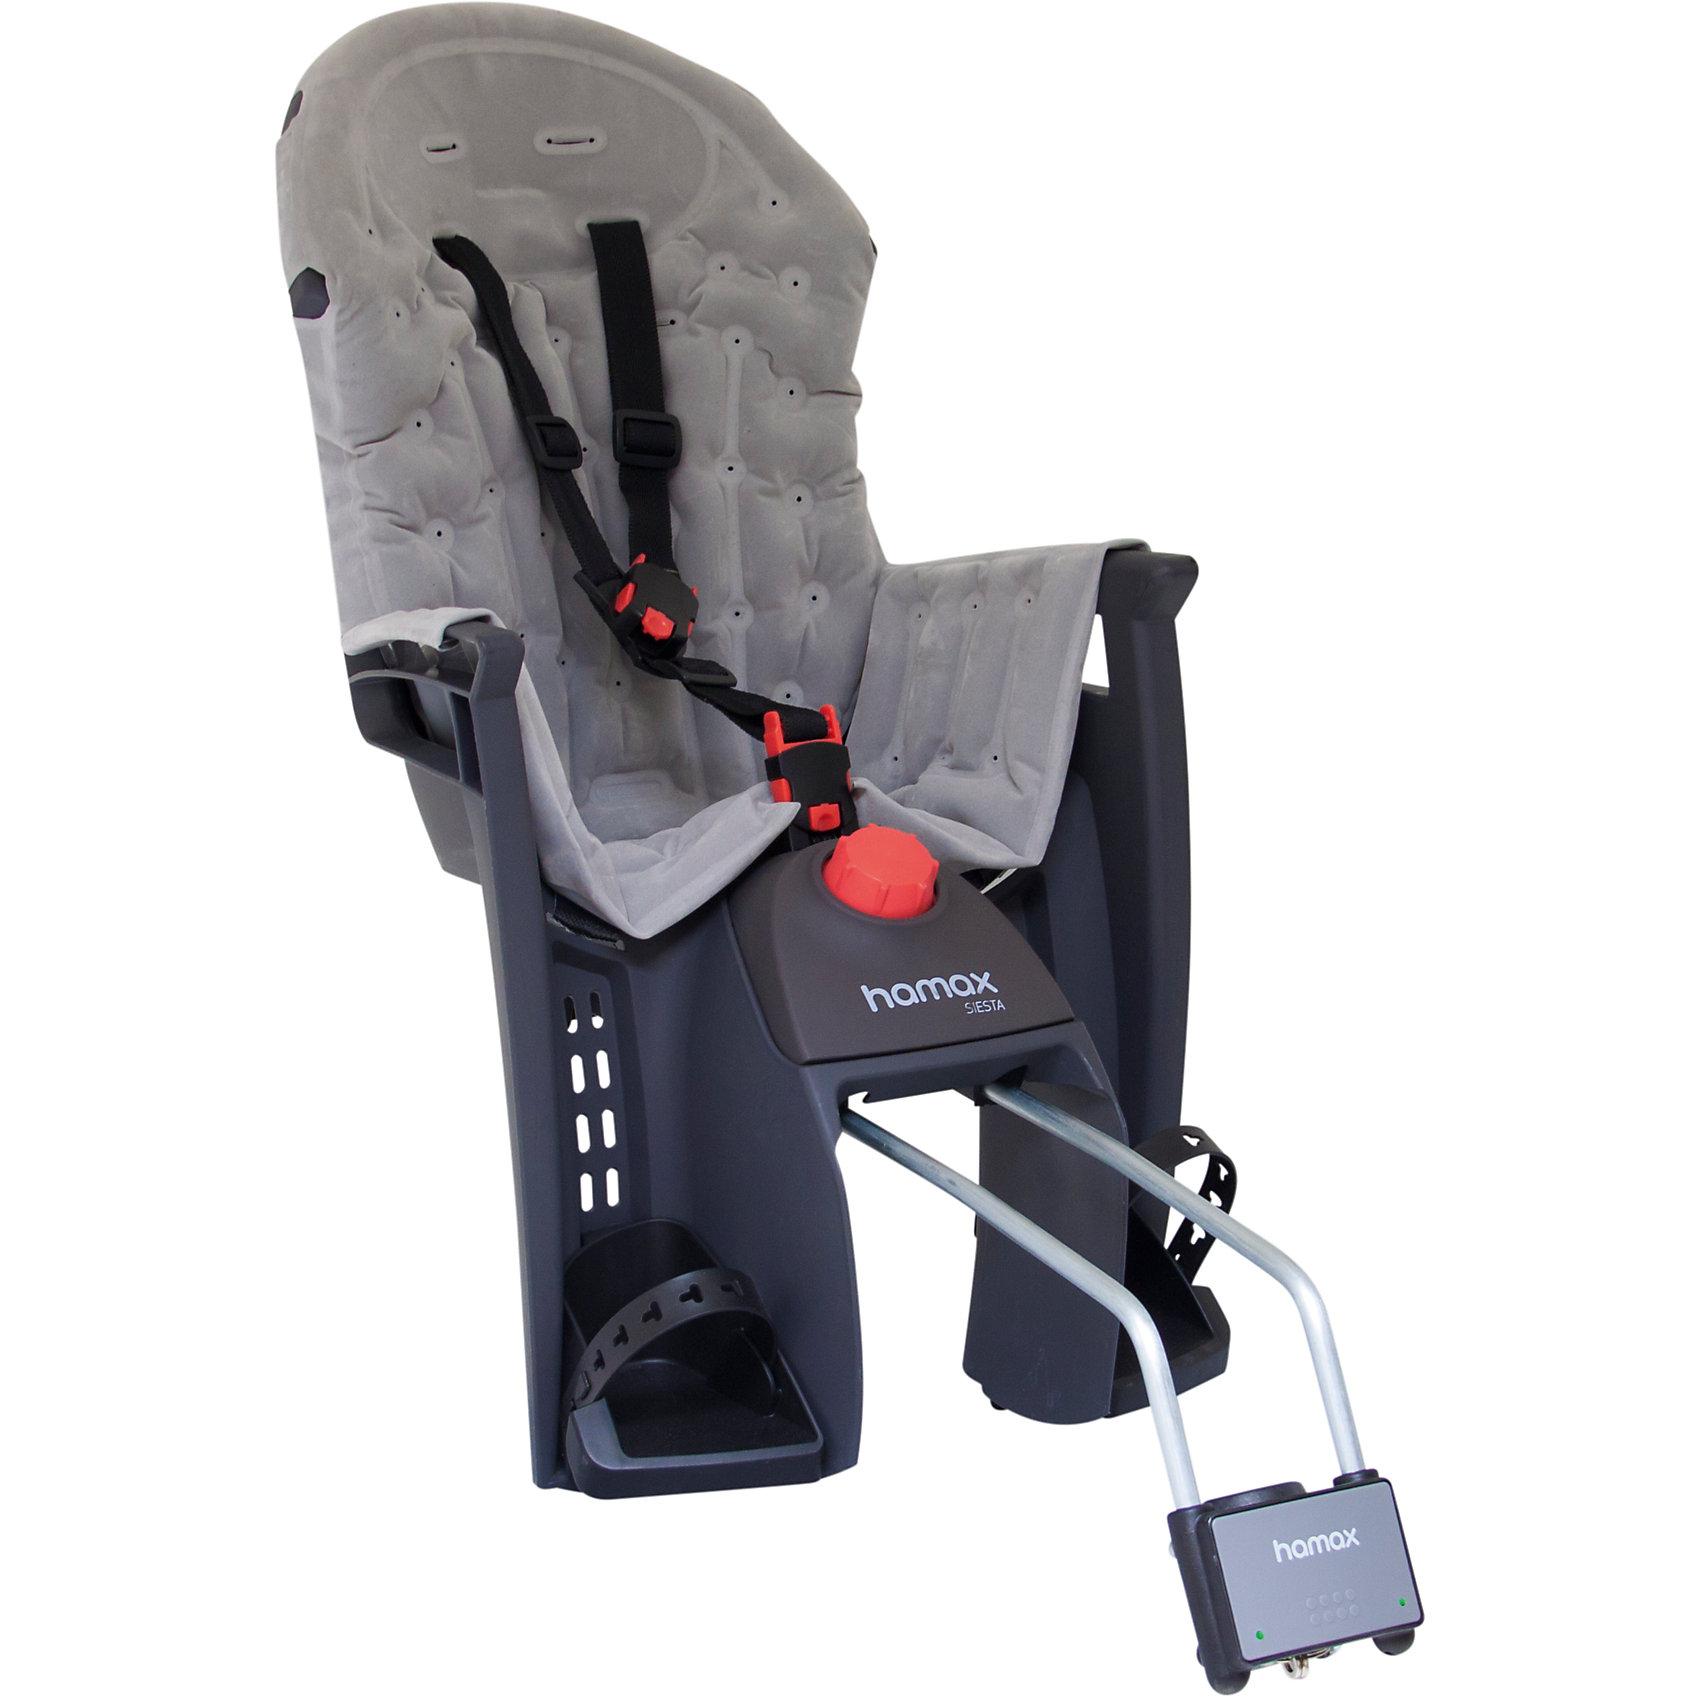 Детское велокресло Siesta Premium W/lockable Bracket, Hamax, серый/серыйАксеcсуары для велосипедов<br>Характеристики товара:<br><br>• цвет: серый<br>• регулировка наклона спинки-спальной позиции (20°)<br>• запираемый кронштейн крепления<br>• 3-точечные ремни безопасности <br>• фиксация ремней для предотвращения саморастегвания ребенком<br>• возраст: от 9 месяцев и весом до 22 кг.<br>• регулируемый ремень безопасности и подножки<br>• подходит для рамы велосипеда диаметром от 28 до 40 мм<br>• материал: полипропилен, текстиль, металл<br>• страна бренда: Польша<br>• вес: 4340гр<br>• размер: 38х82х30см<br><br>Отличительные особенности Hamax Siesta : функция регулировки угла наклона для комфортного отдыха и сна ребенка и замок фиксации кресла на велосипеде.<br><br>Дополнительные мягкие пряжки для фиксации ребенка в кресле очень легкие и комфортные, но при этом обеспечивают надежную фиксацию ребенка в велокресле.<br><br>Эргономика велокресла расчитанна так что спинка кресла не будет мешать голове ребенка в моменты когда он хочет откинуться назад кресла в шлеме.<br><br>Hamax рекомендует, что ребенок должен всегда носить шлем при использовании детского сиденья.<br><br>Детское велокресло Siesta Premium W/lockable Bracket, Hamax, серый/серый можно купить в нашем интернет-магазине.<br><br>Ширина мм: 380<br>Глубина мм: 840<br>Высота мм: 300<br>Вес г: 4340<br>Возраст от месяцев: 9<br>Возраст до месяцев: 48<br>Пол: Унисекс<br>Возраст: Детский<br>SKU: 5582606